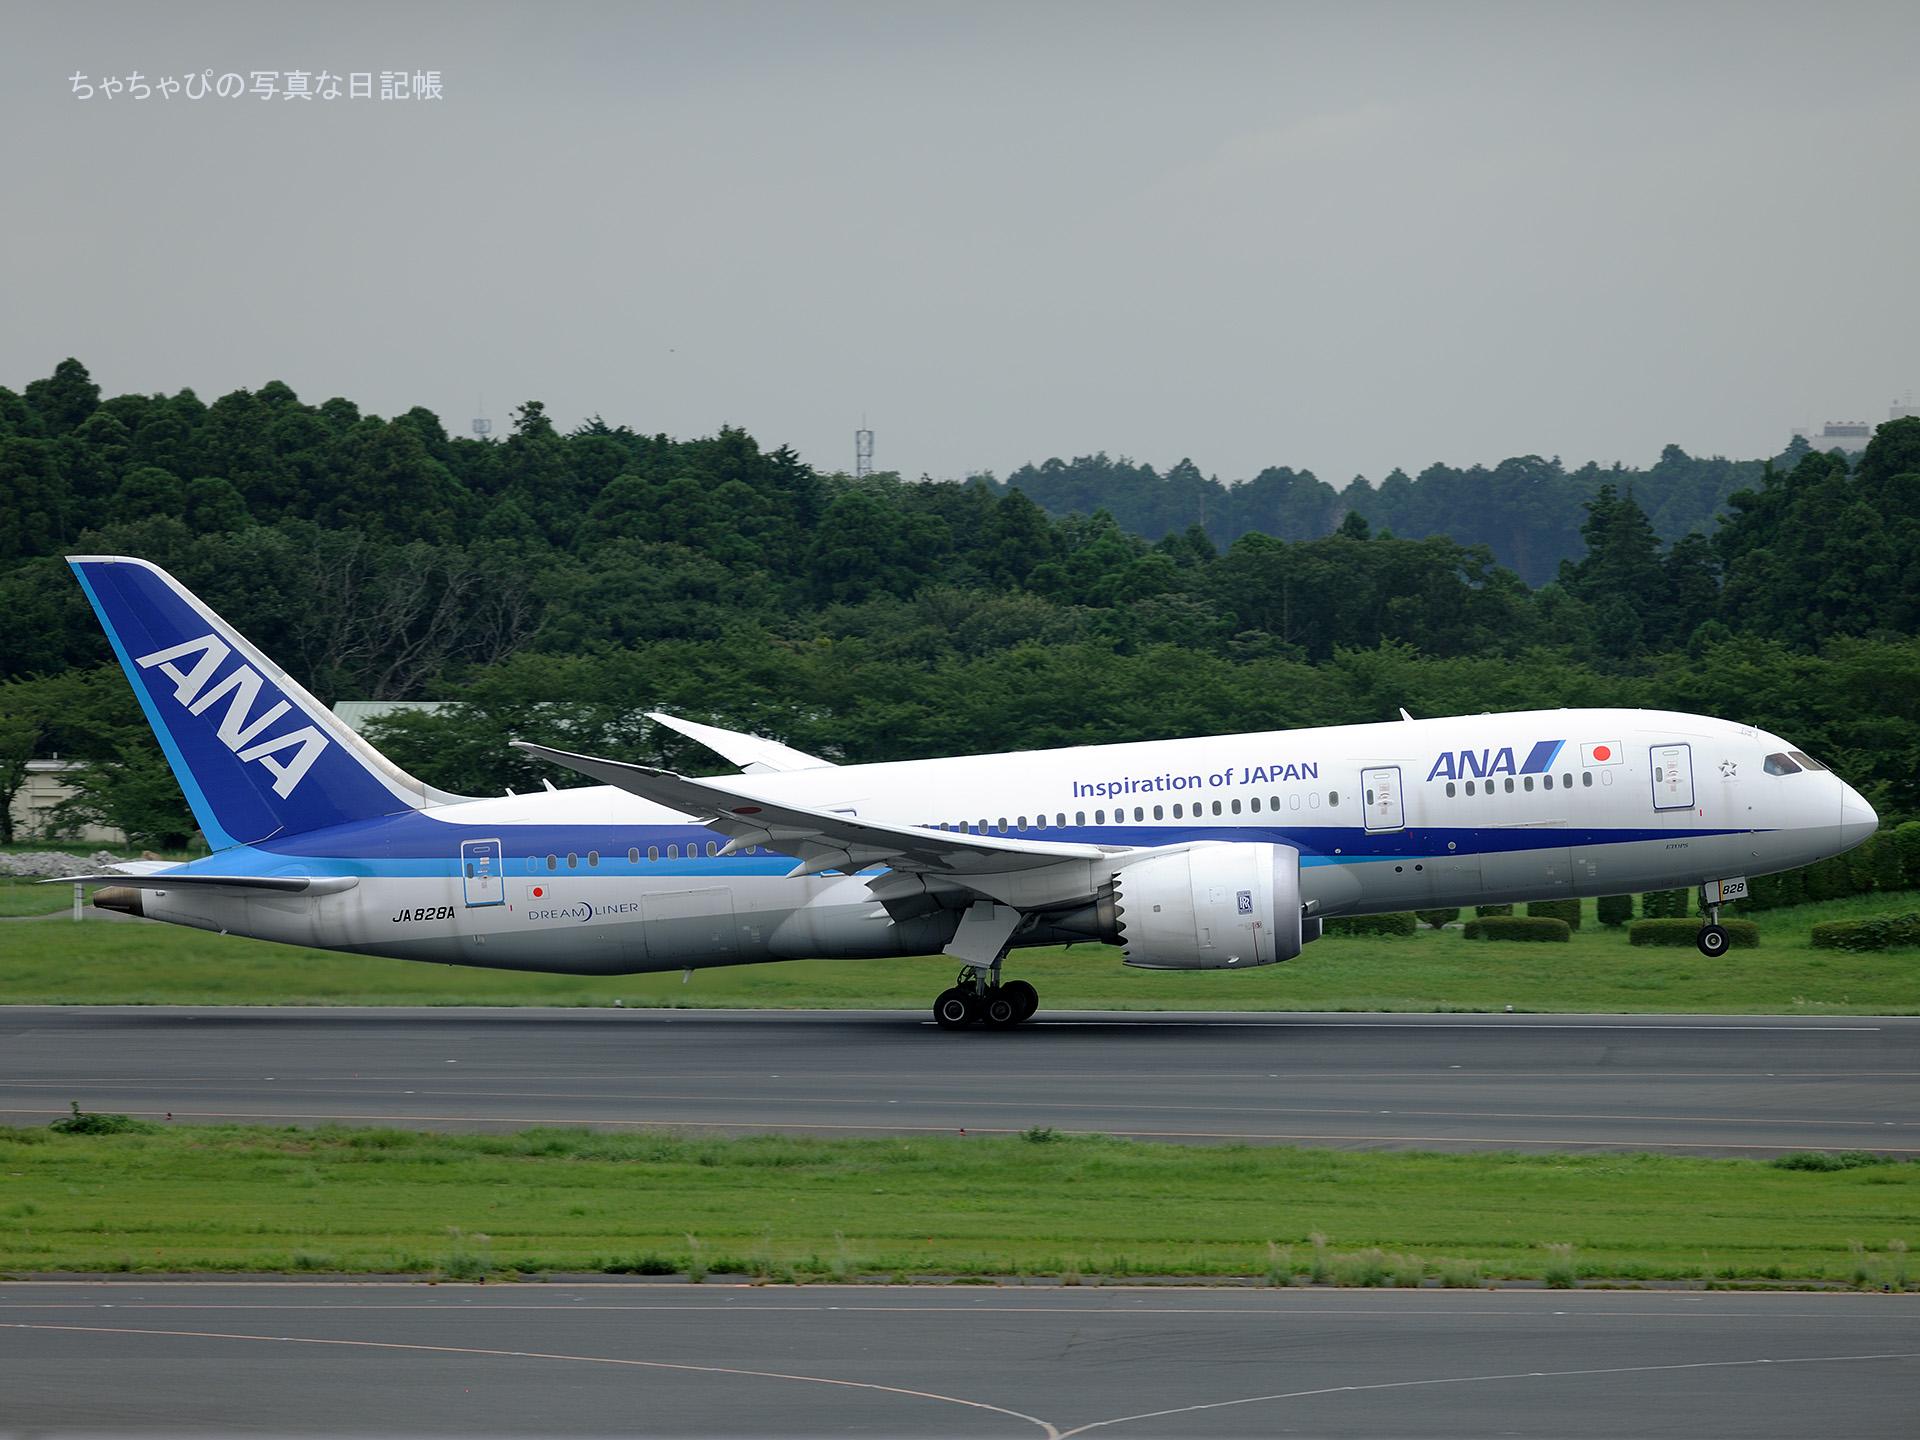 成田国際空港 Boeing 787-8 Dreamliner 全日空 JA828A